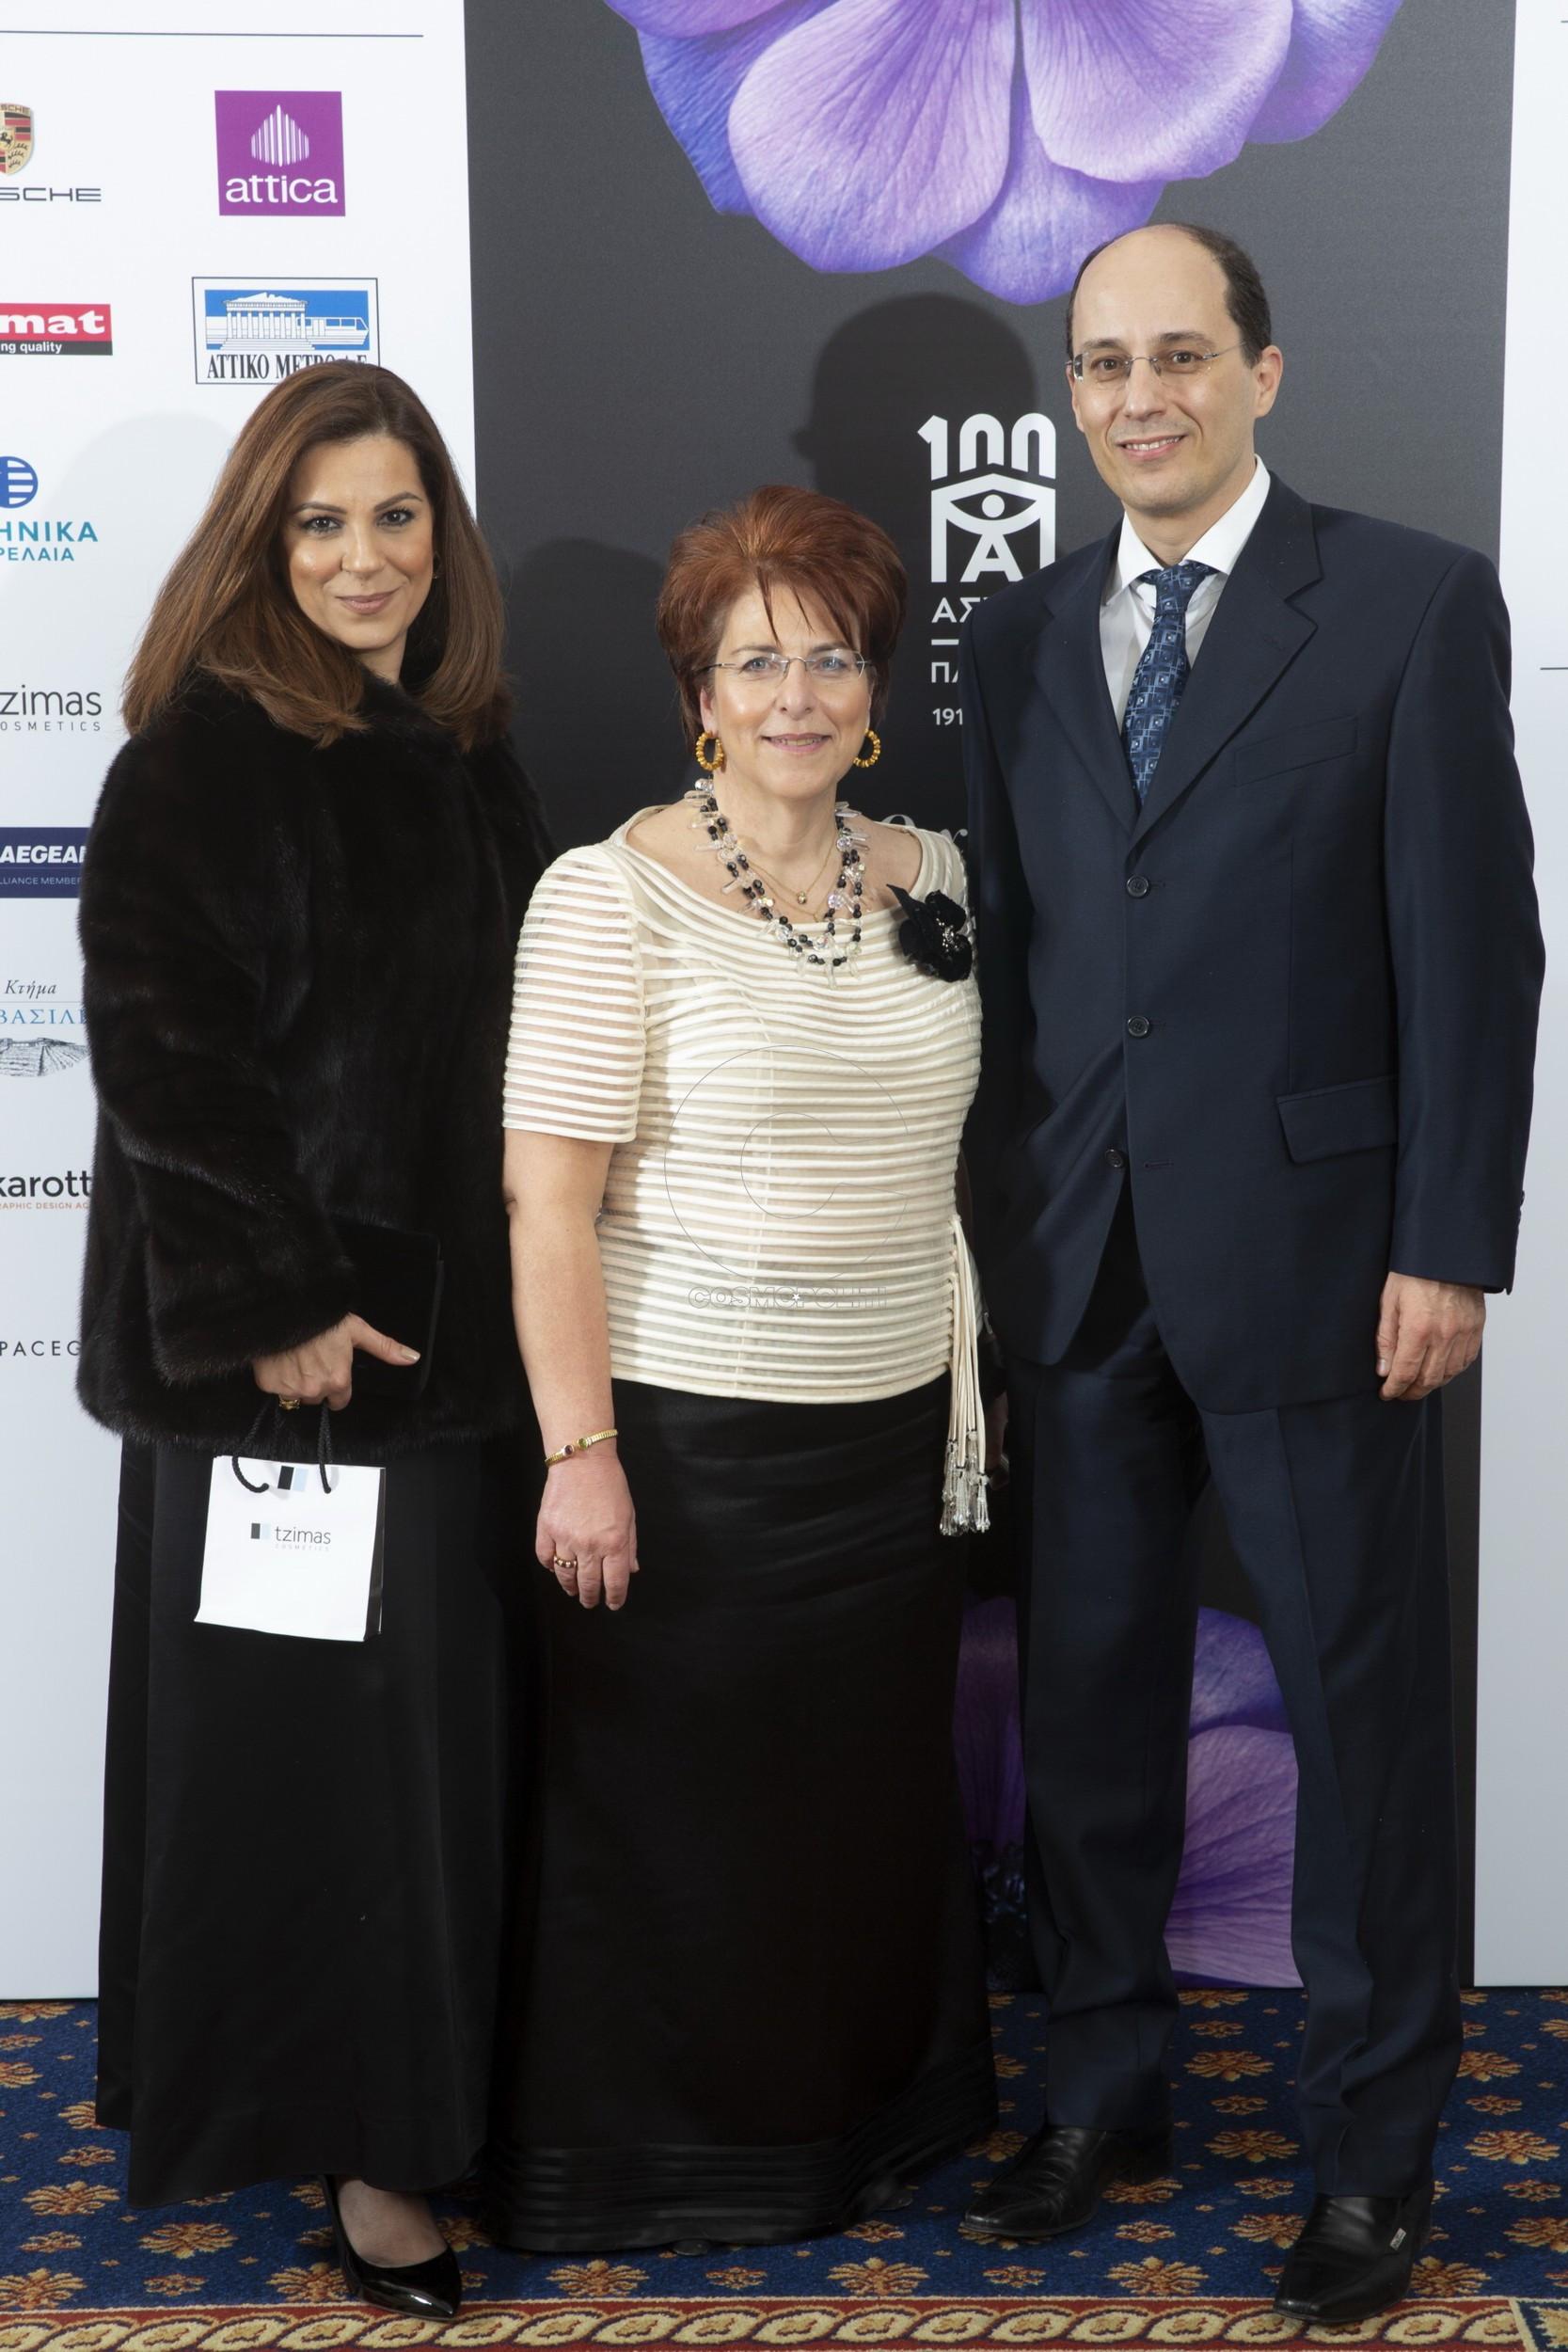 2 Η Ρέα Μαντινάου, η Διευθύντρια του Ασύλου του παιδιού Μαρία Μίκα Πατρικαλάκη & ο Γιώργος Τζίμας